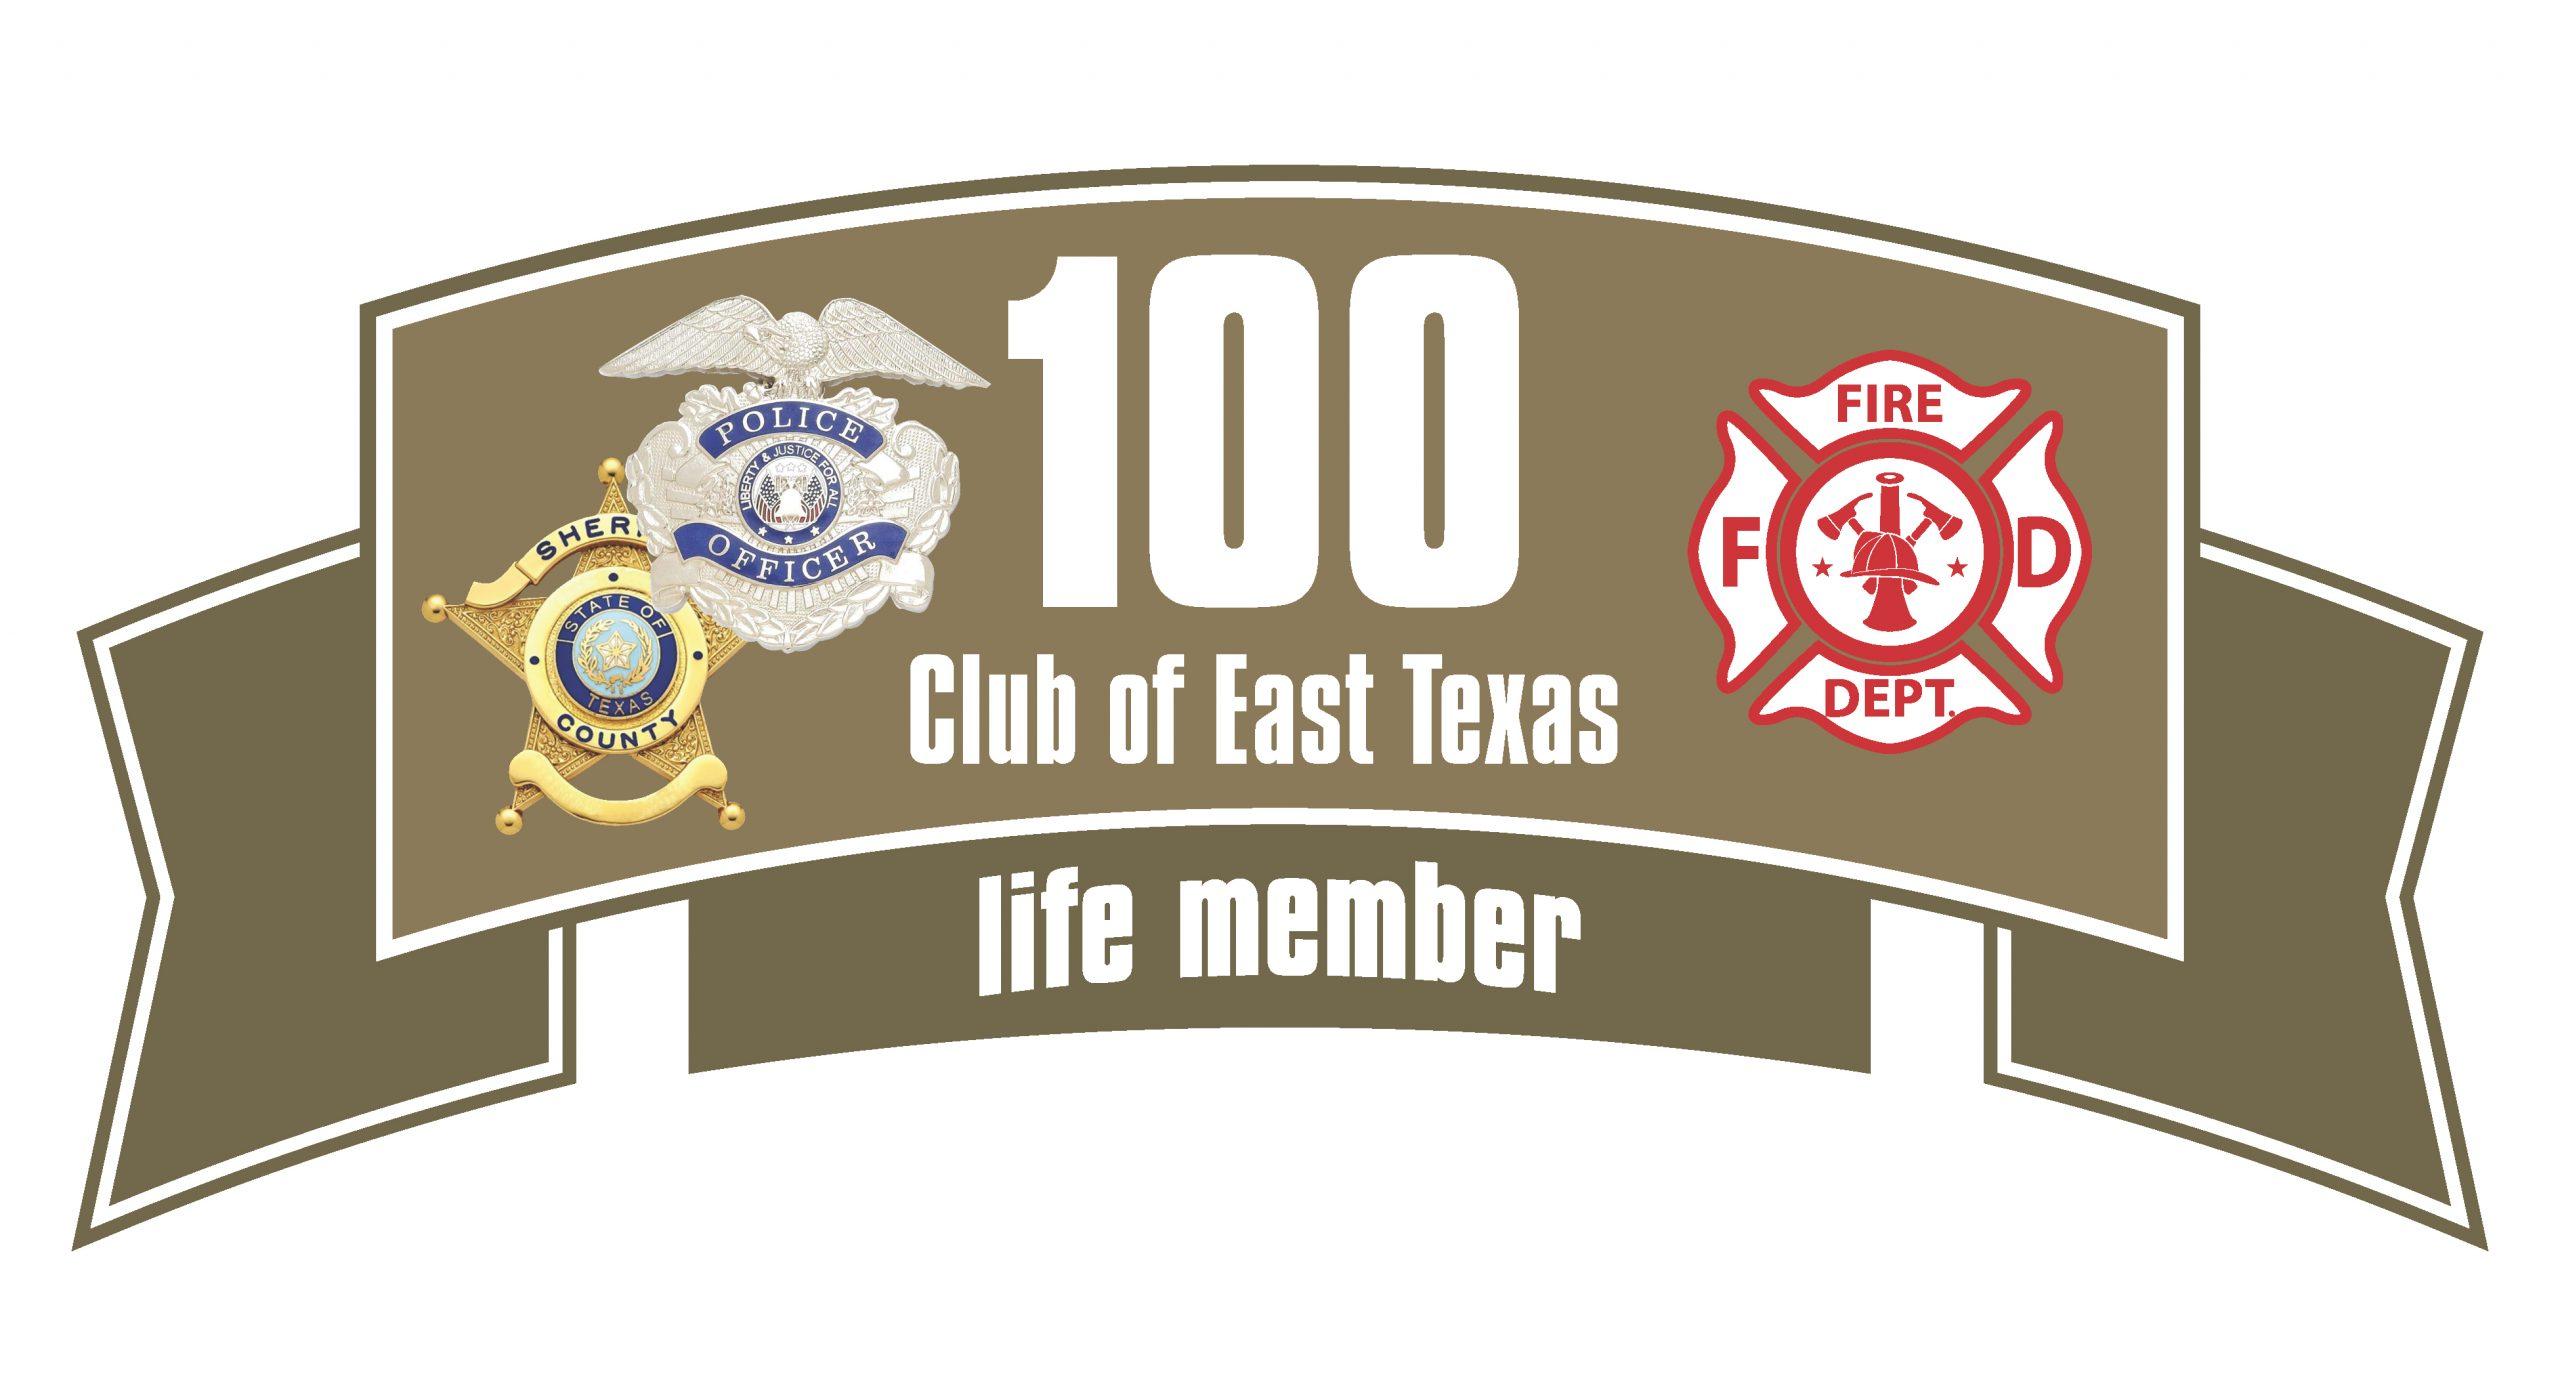 East Texas 100 Club logo